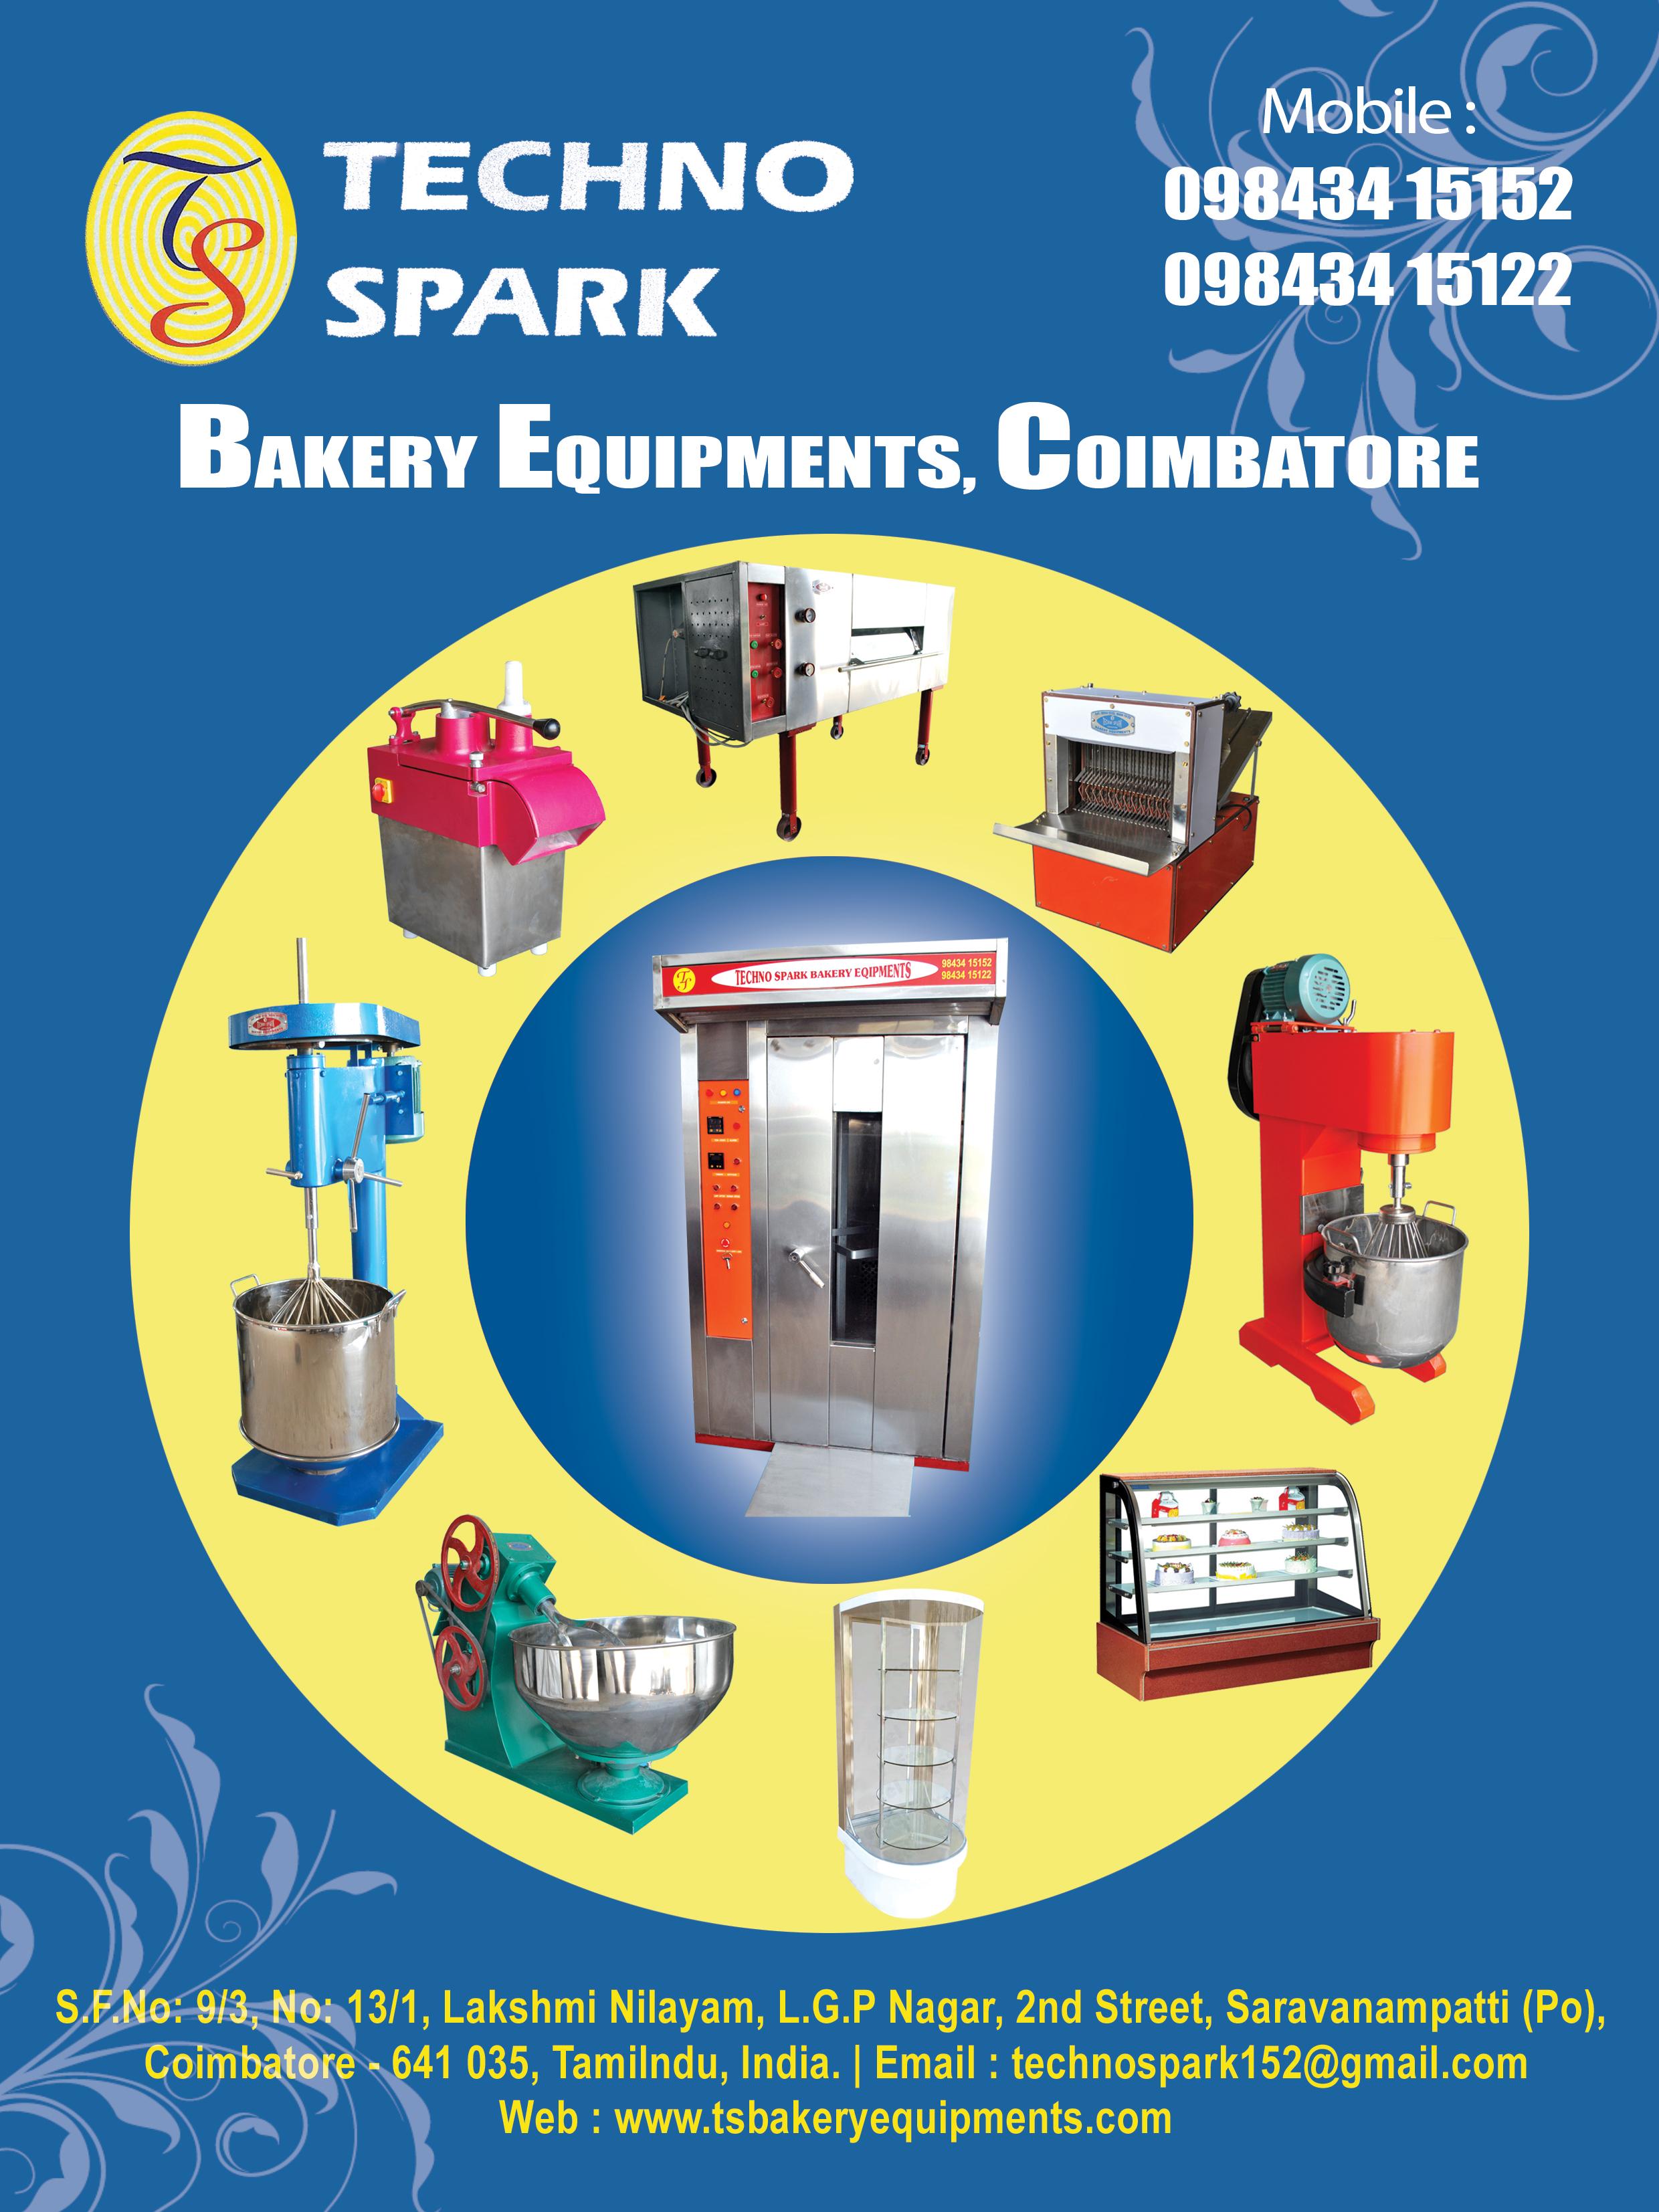 Techno Spark Bakery Equipments